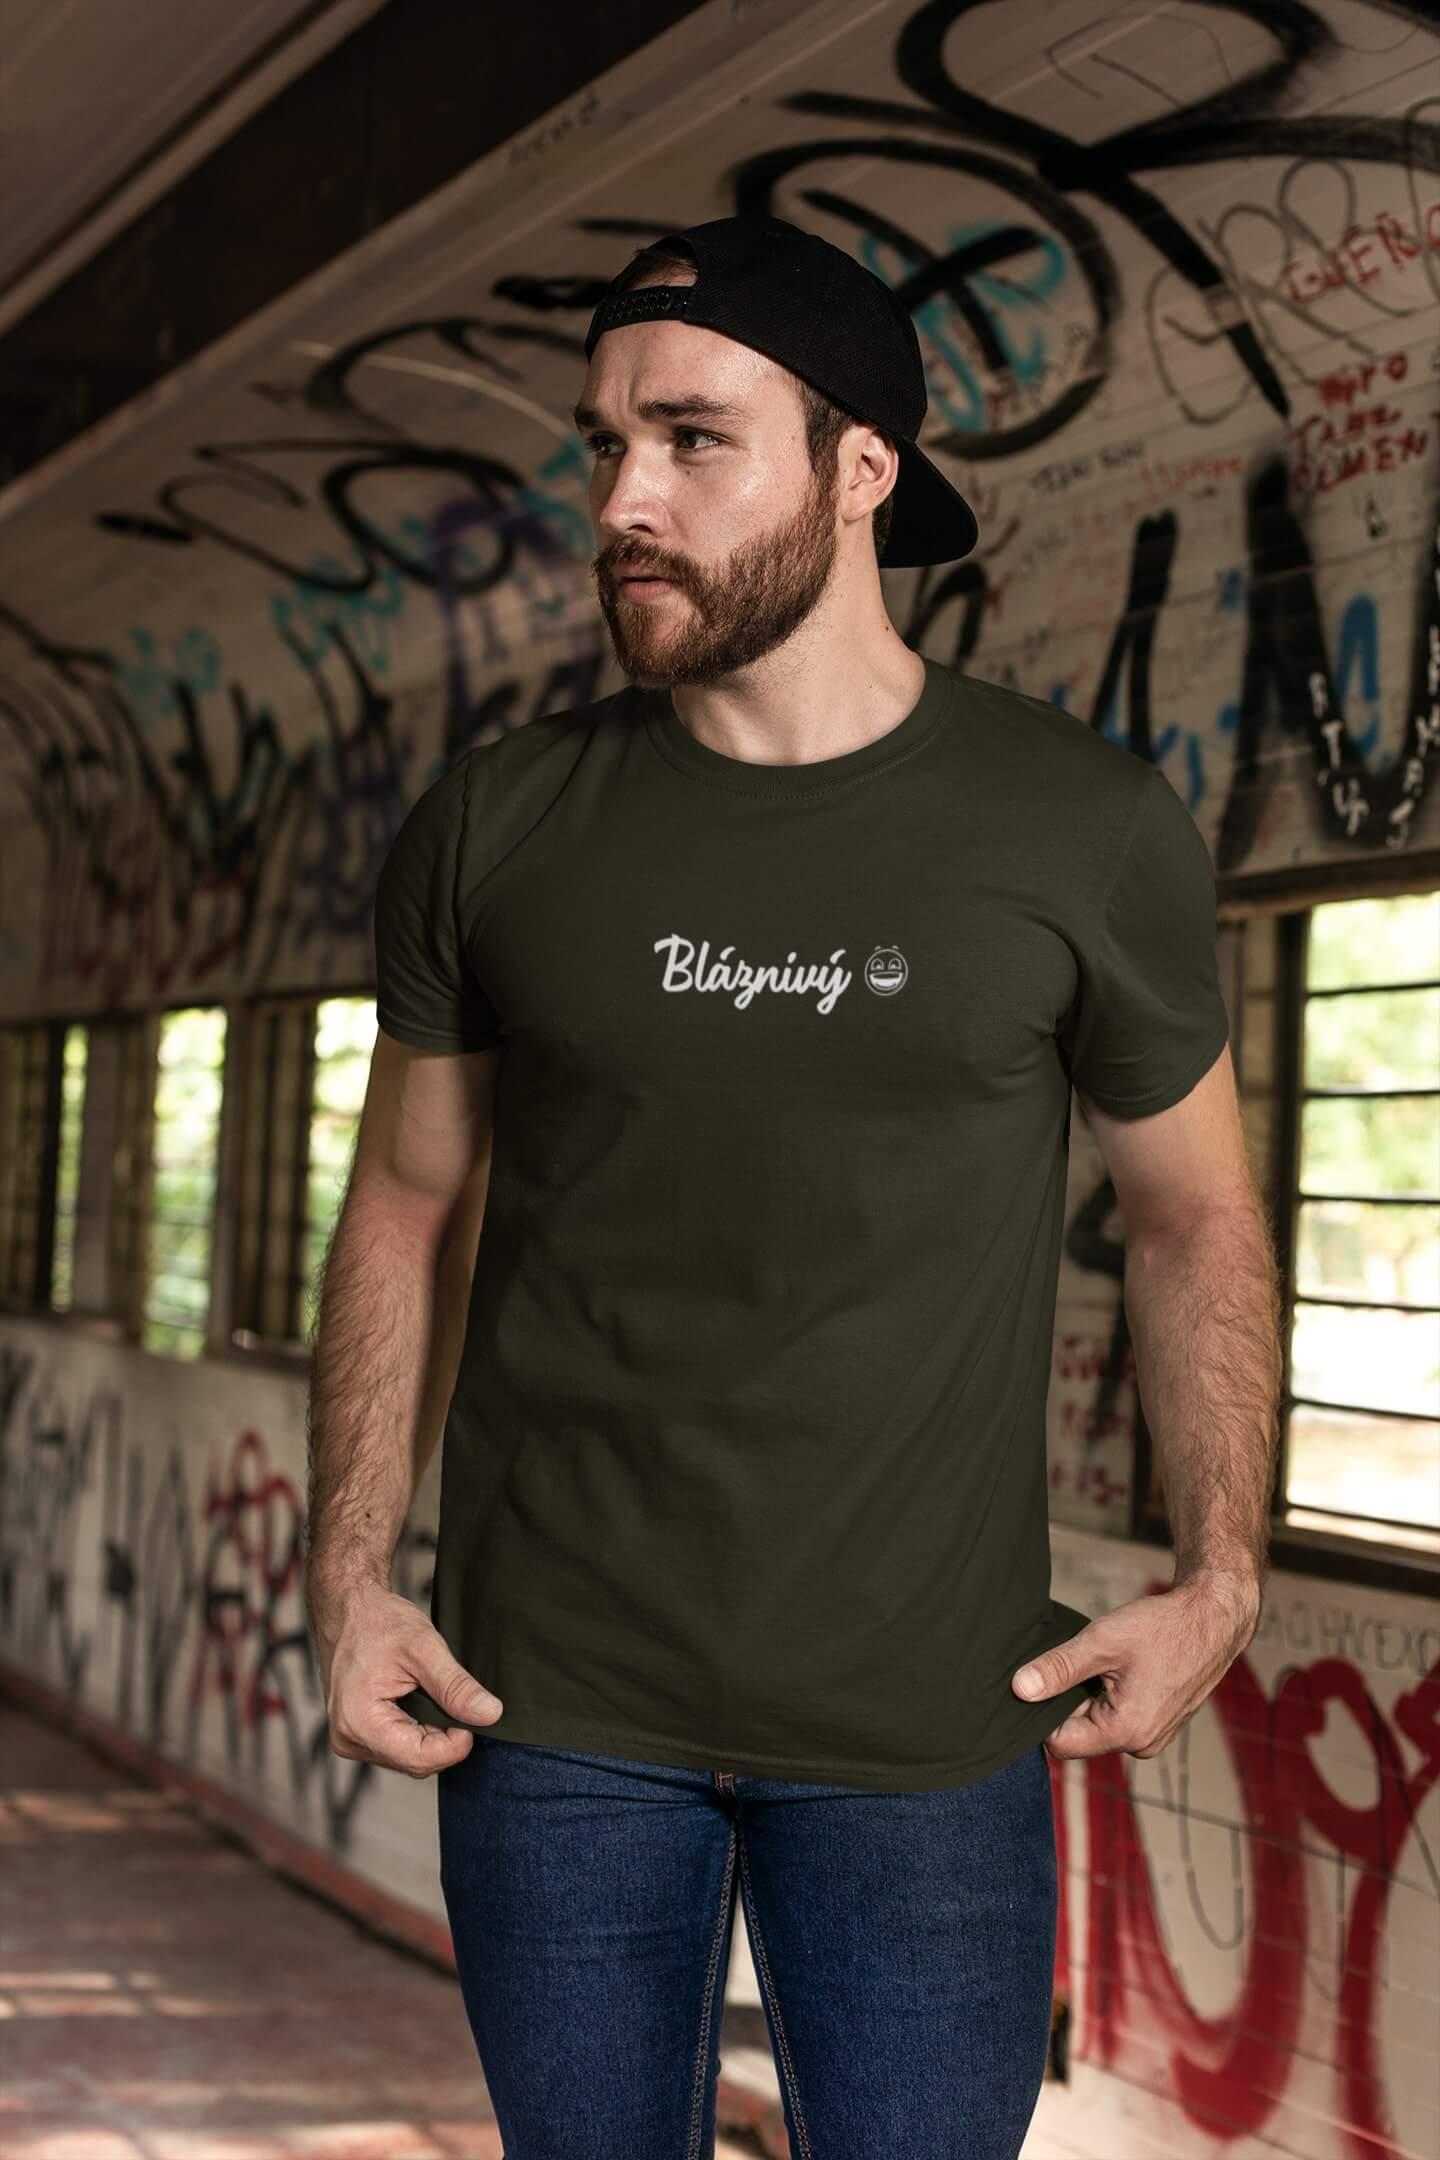 MMO Pánske tričko Bláznivý Vyberte farbu: Military, Vyberte veľkosť: XS